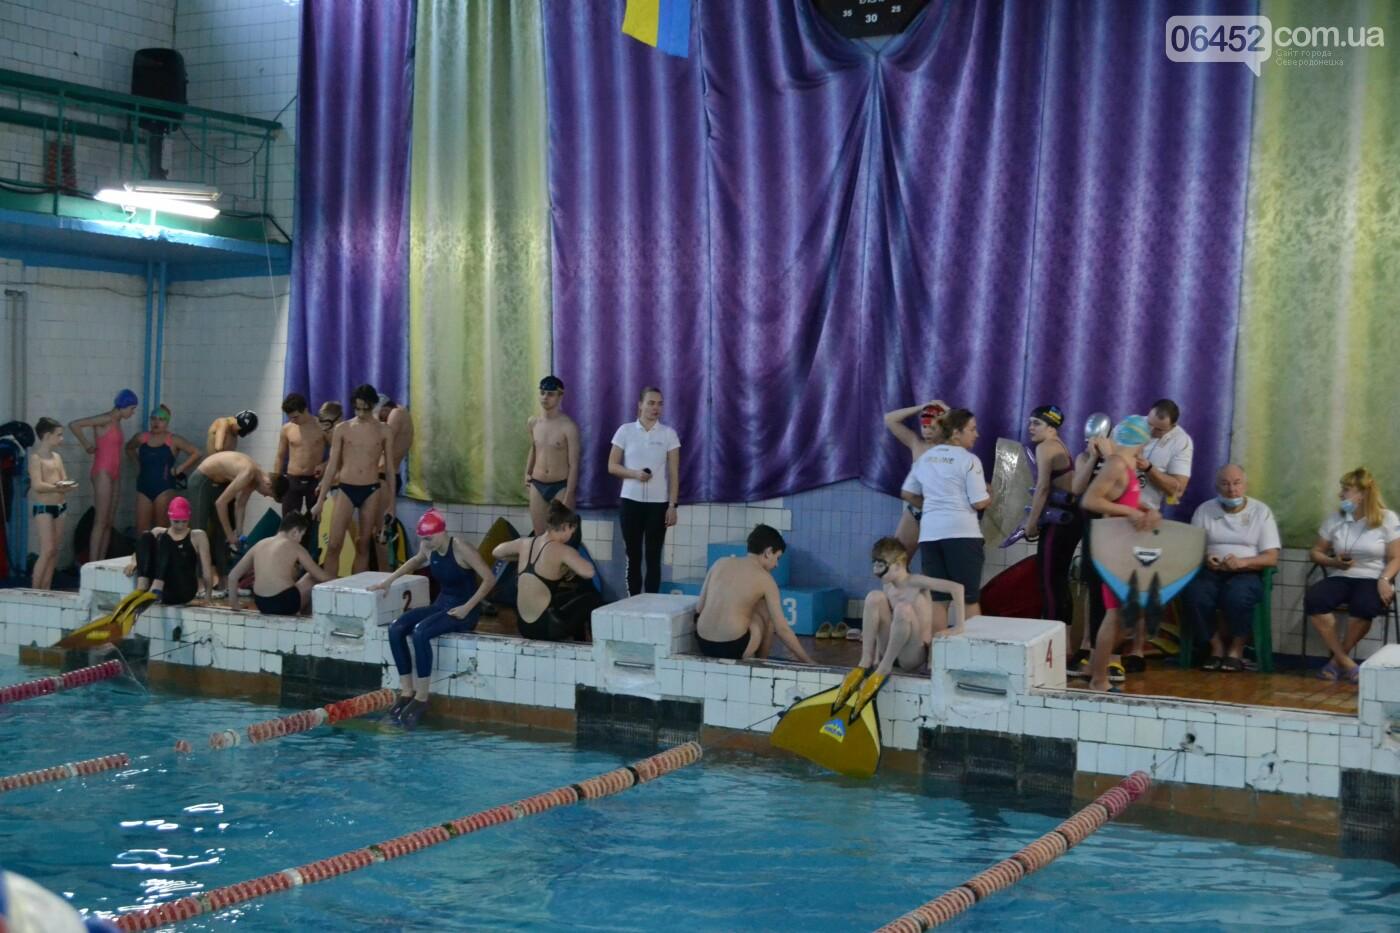 В Северодонецке проходит Чемпионат области по подводным видам спорта (фото, видео) , фото-13